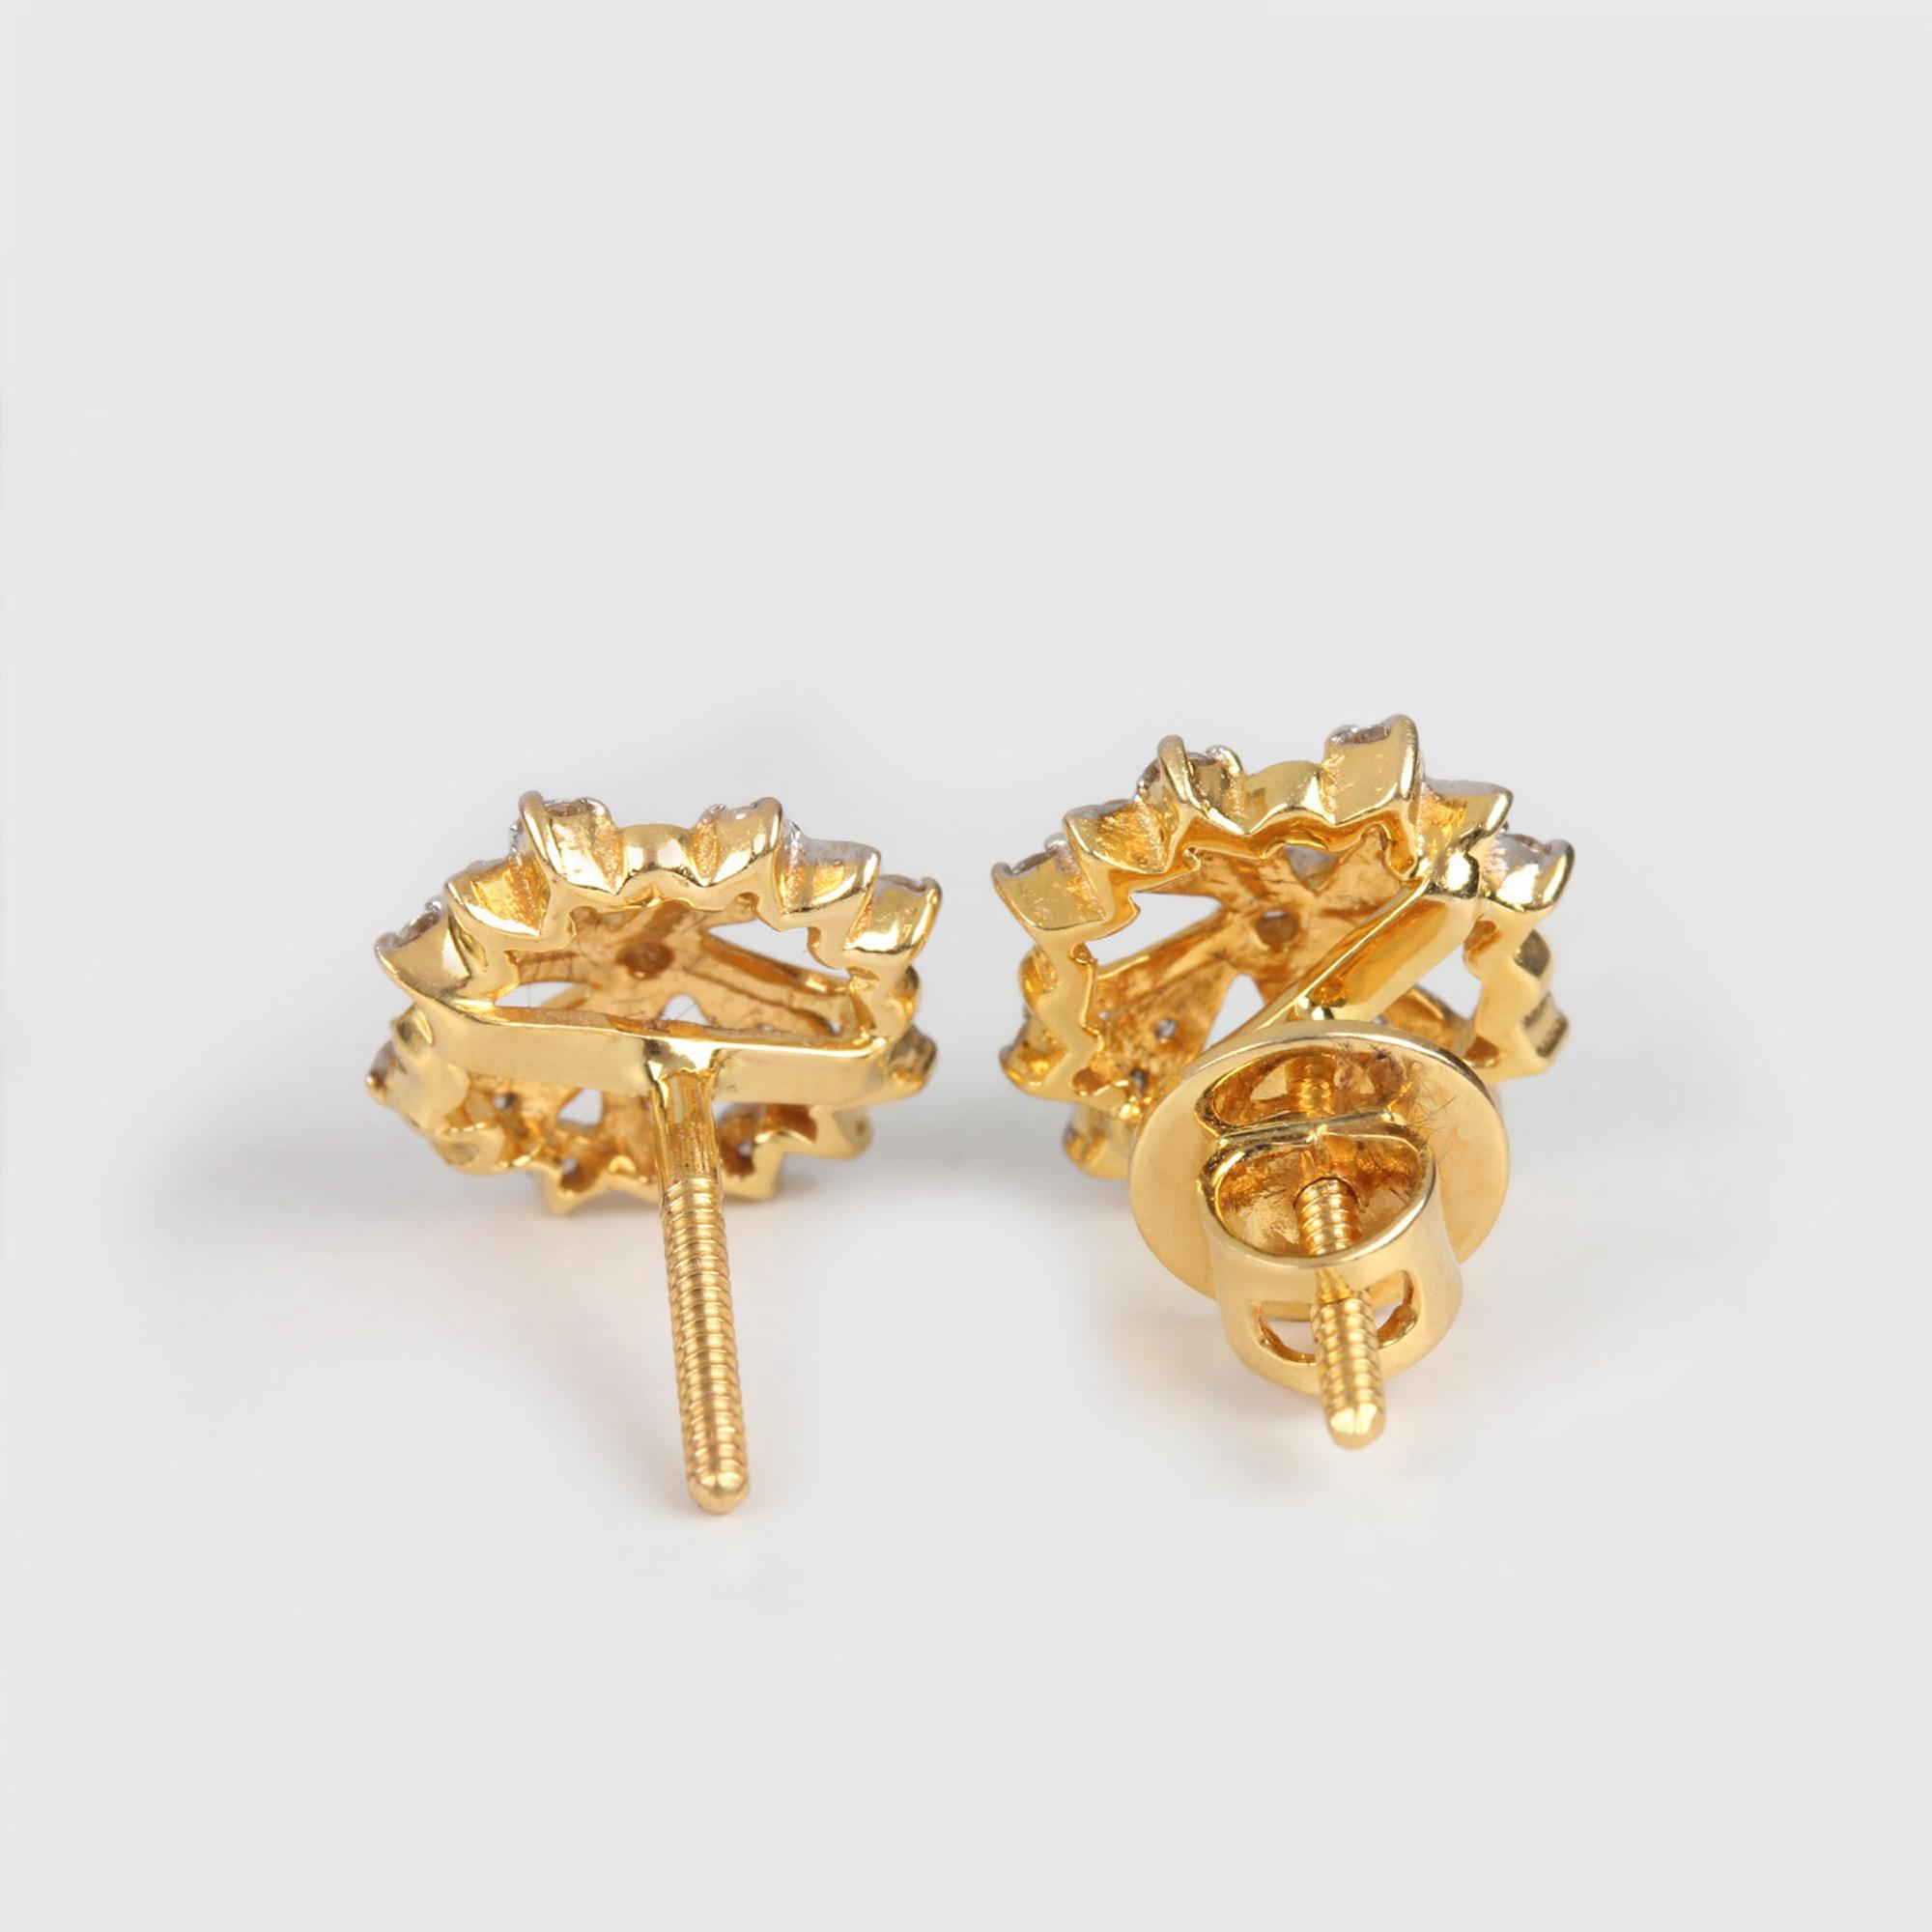 Diamond Beautifull Earrings In Yellow Gold